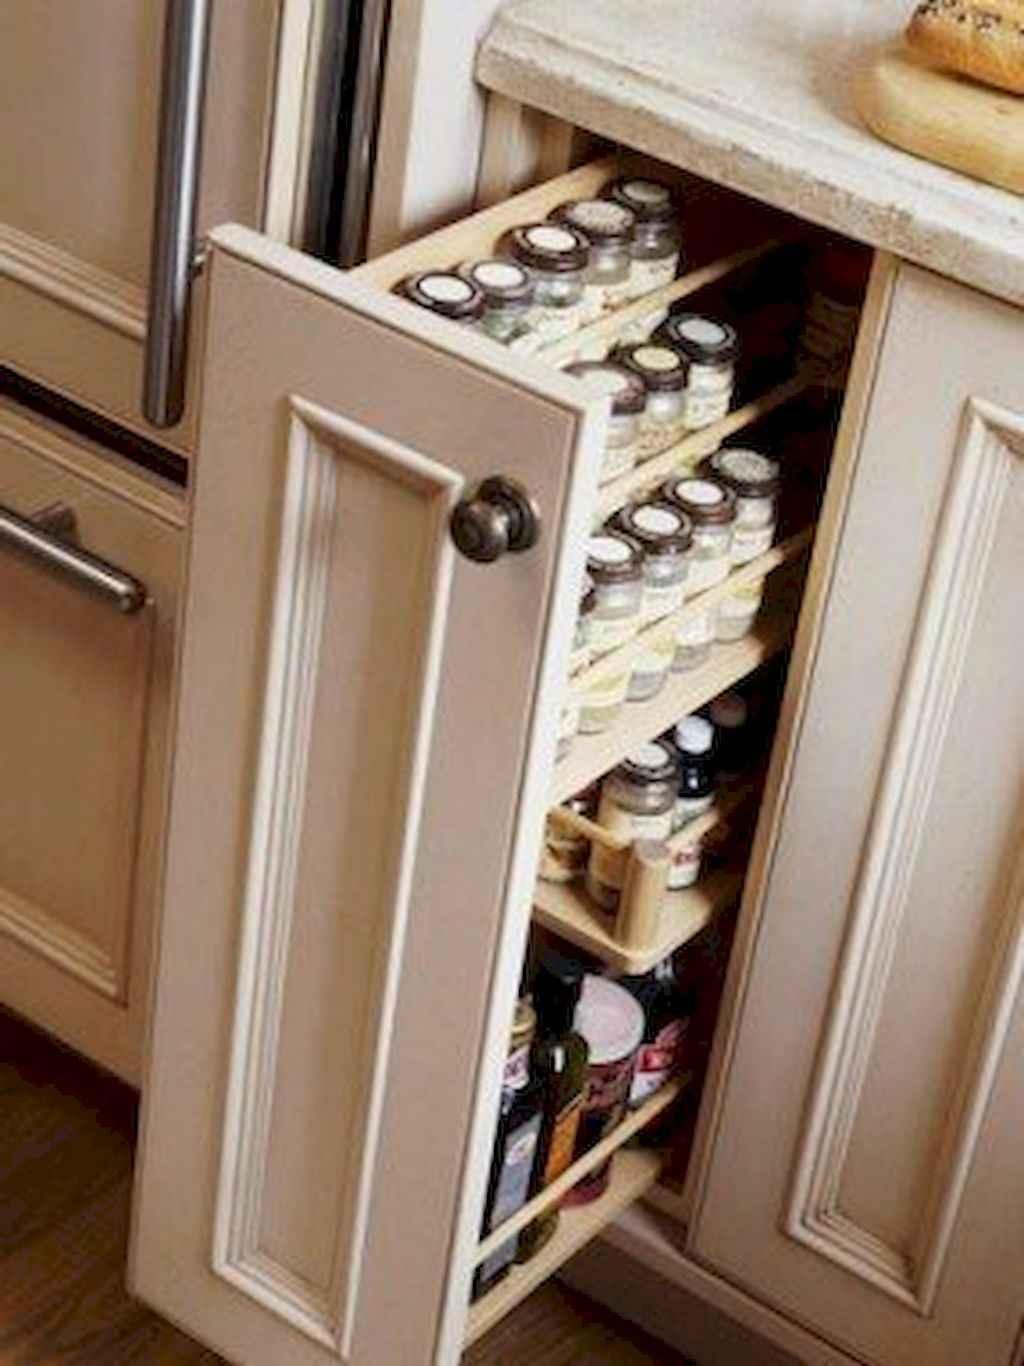 Ingenious hidden kitchen cabinet & storage solutions (3)